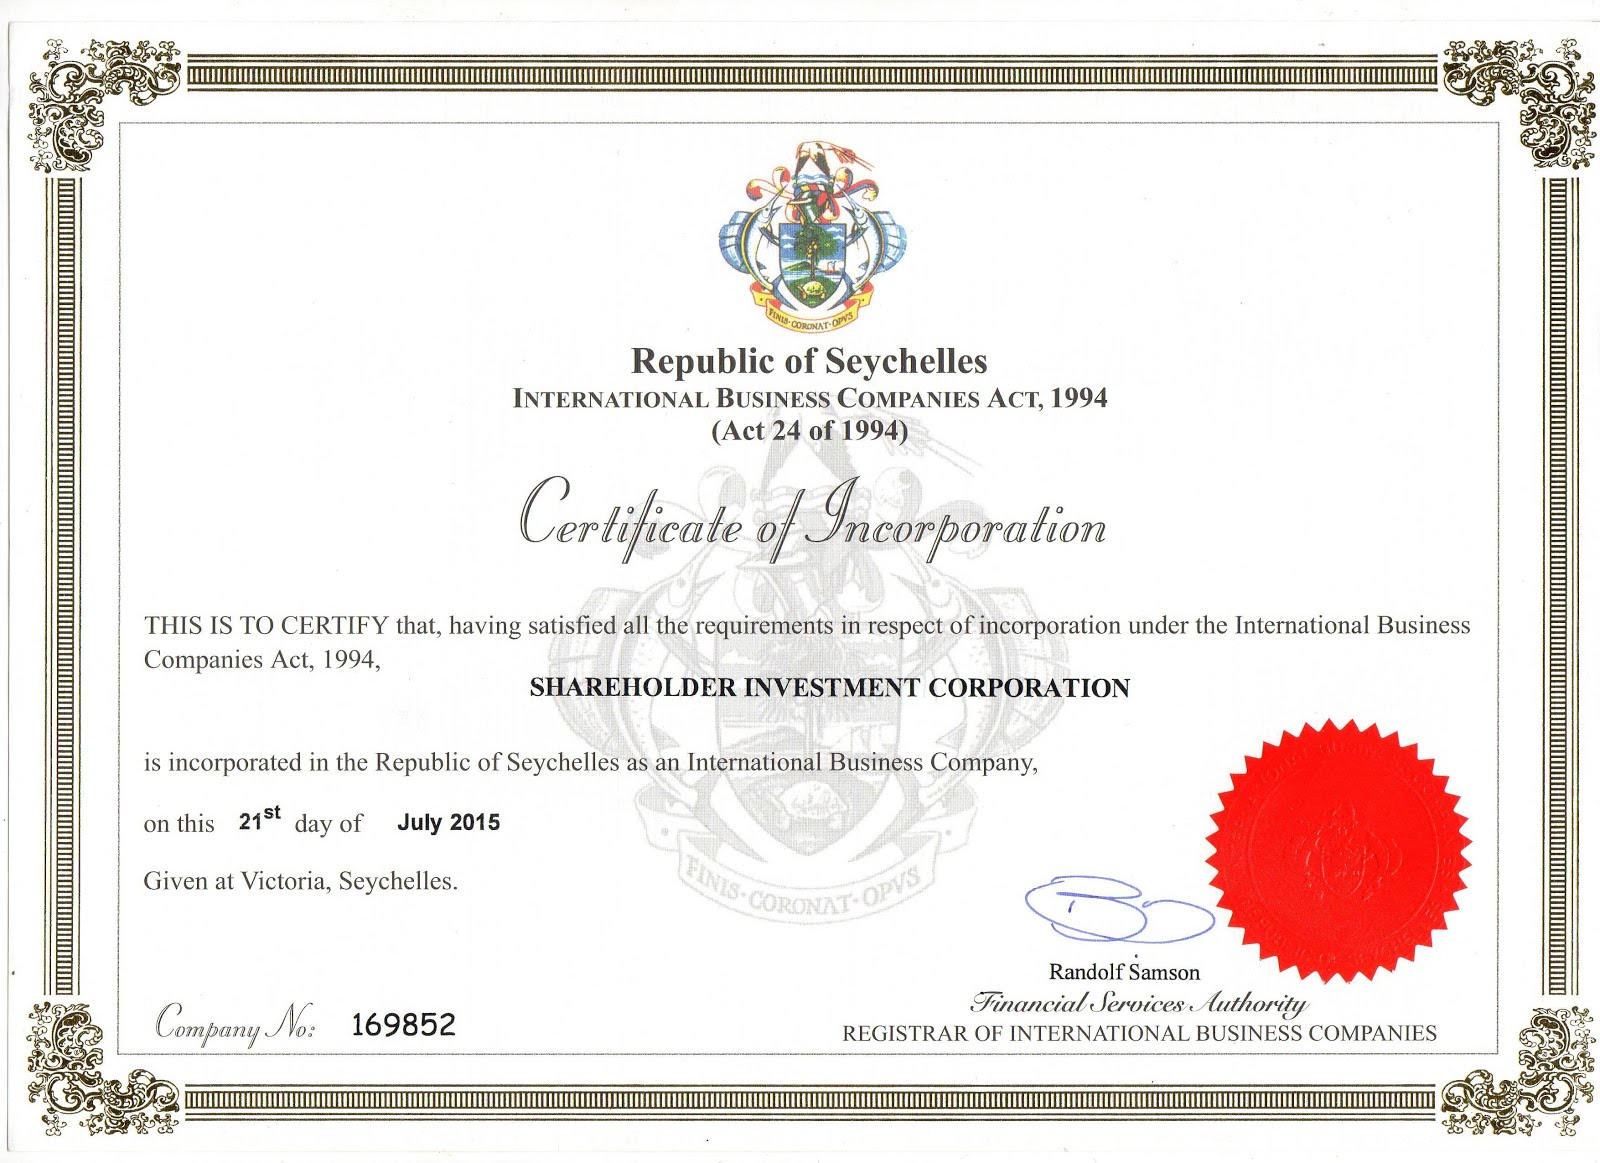 Регистрационное свидетельство Shareholder IC